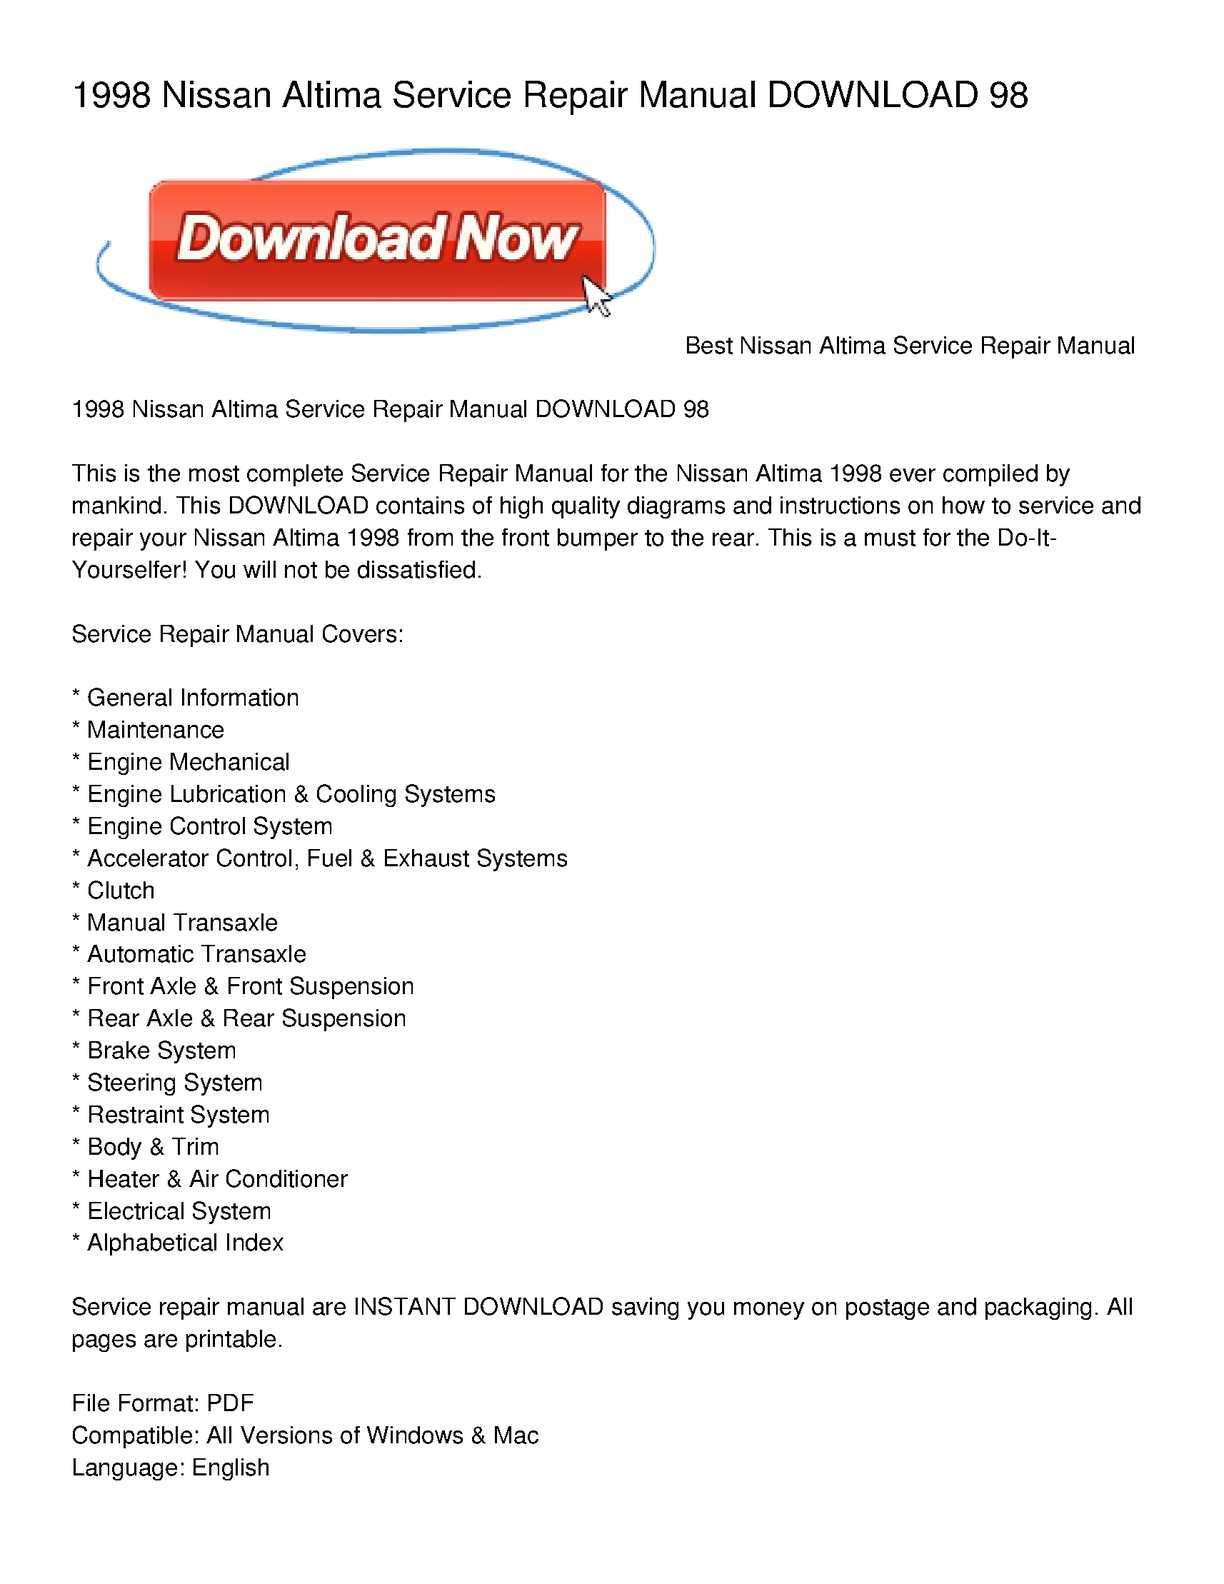 calam o 1998 nissan altima service repair manual download 98 rh calameo com 98 Nissan Altima Repair Manual 2001 Nissan Altima Owner's Manual